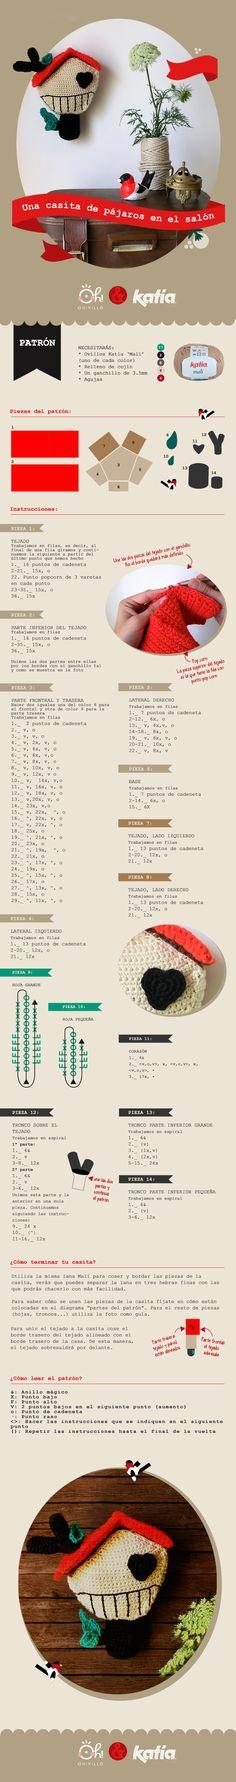 94 mejores imágenes de Free Amigurumi Patterns | Crochet dolls ...